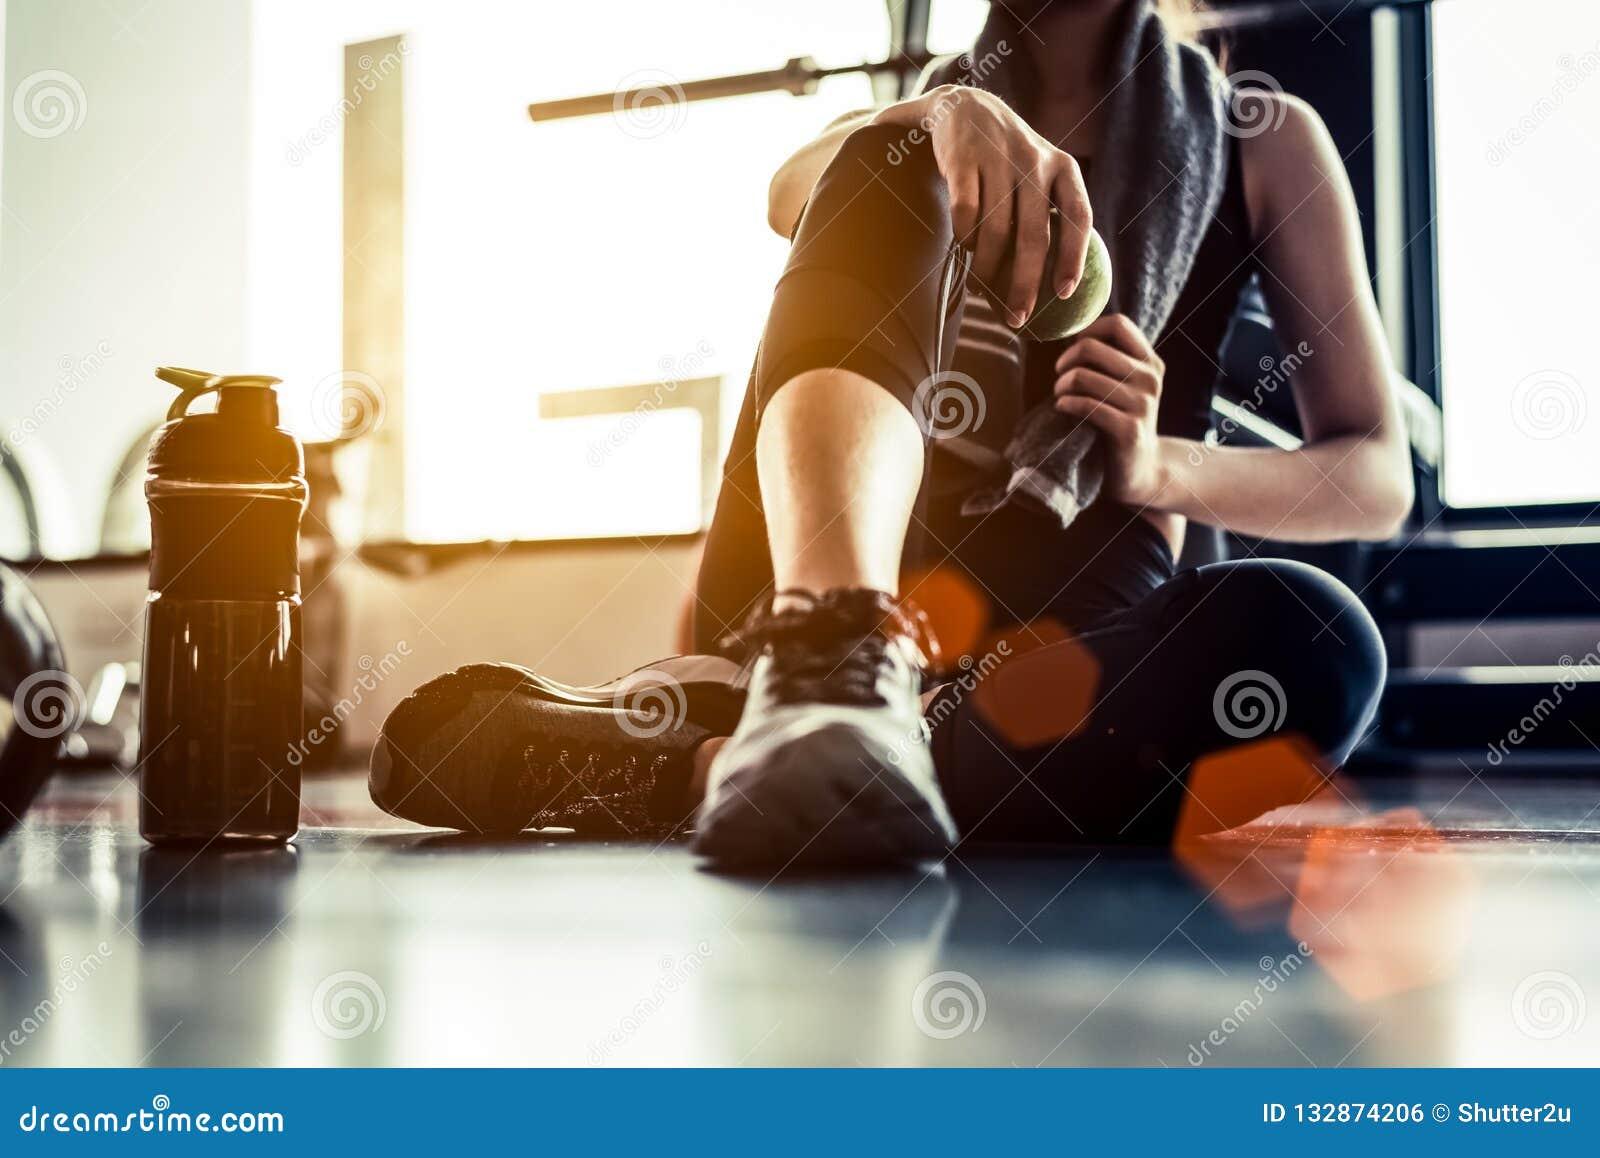 Резвитесь женщина сидя и отдыхая после разминки или тренировки в пригонке